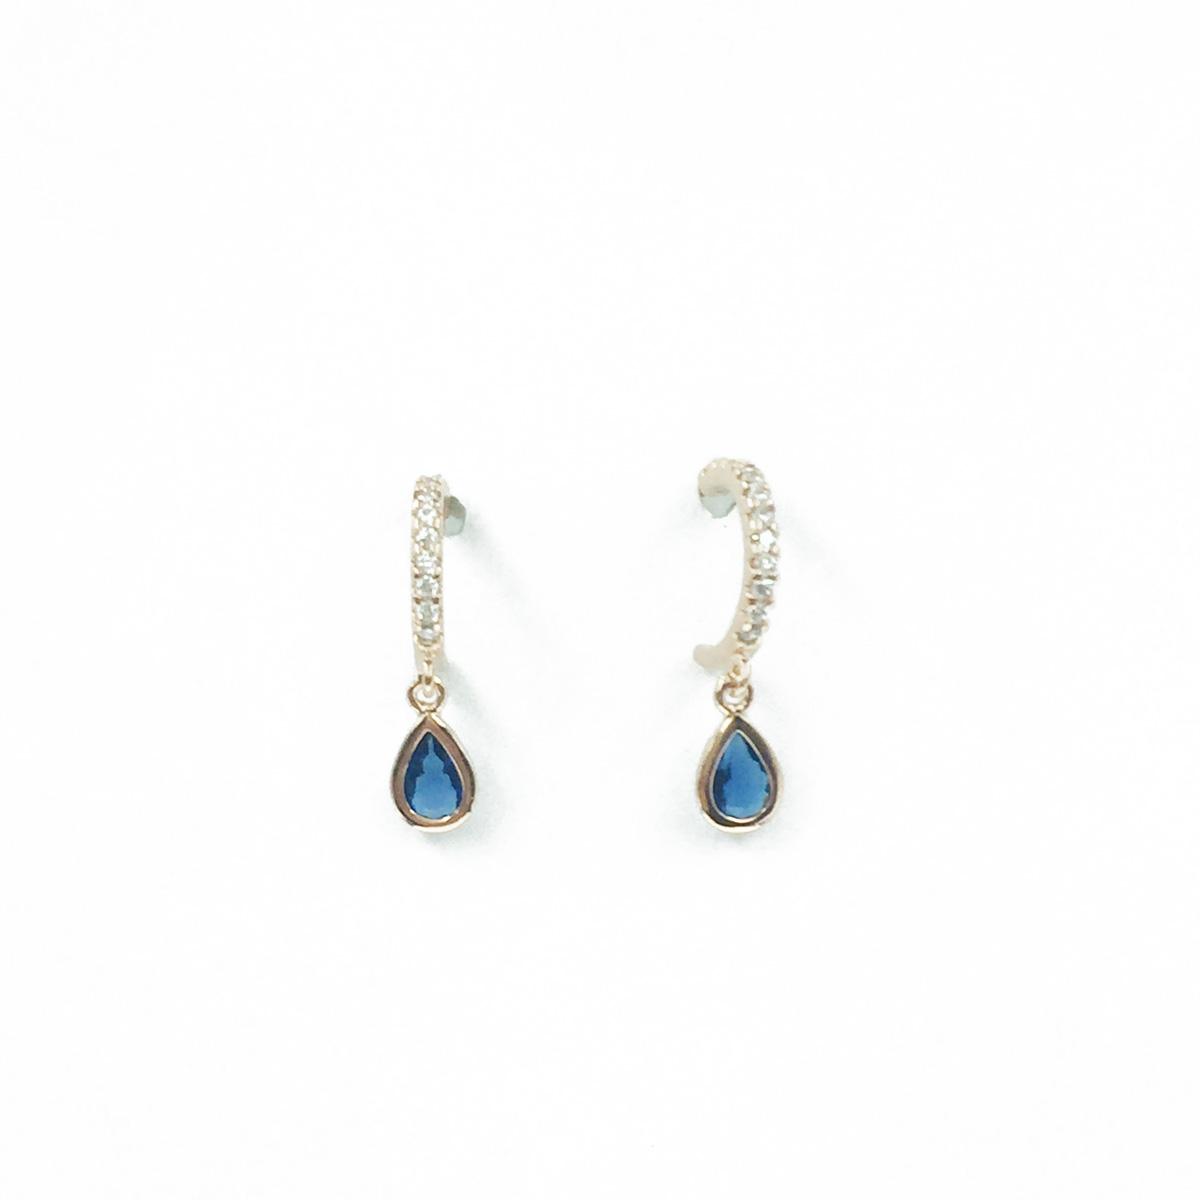 韓國 925純銀 C環圈 水鑽 水滴造型 垂墜感 耳針式耳環